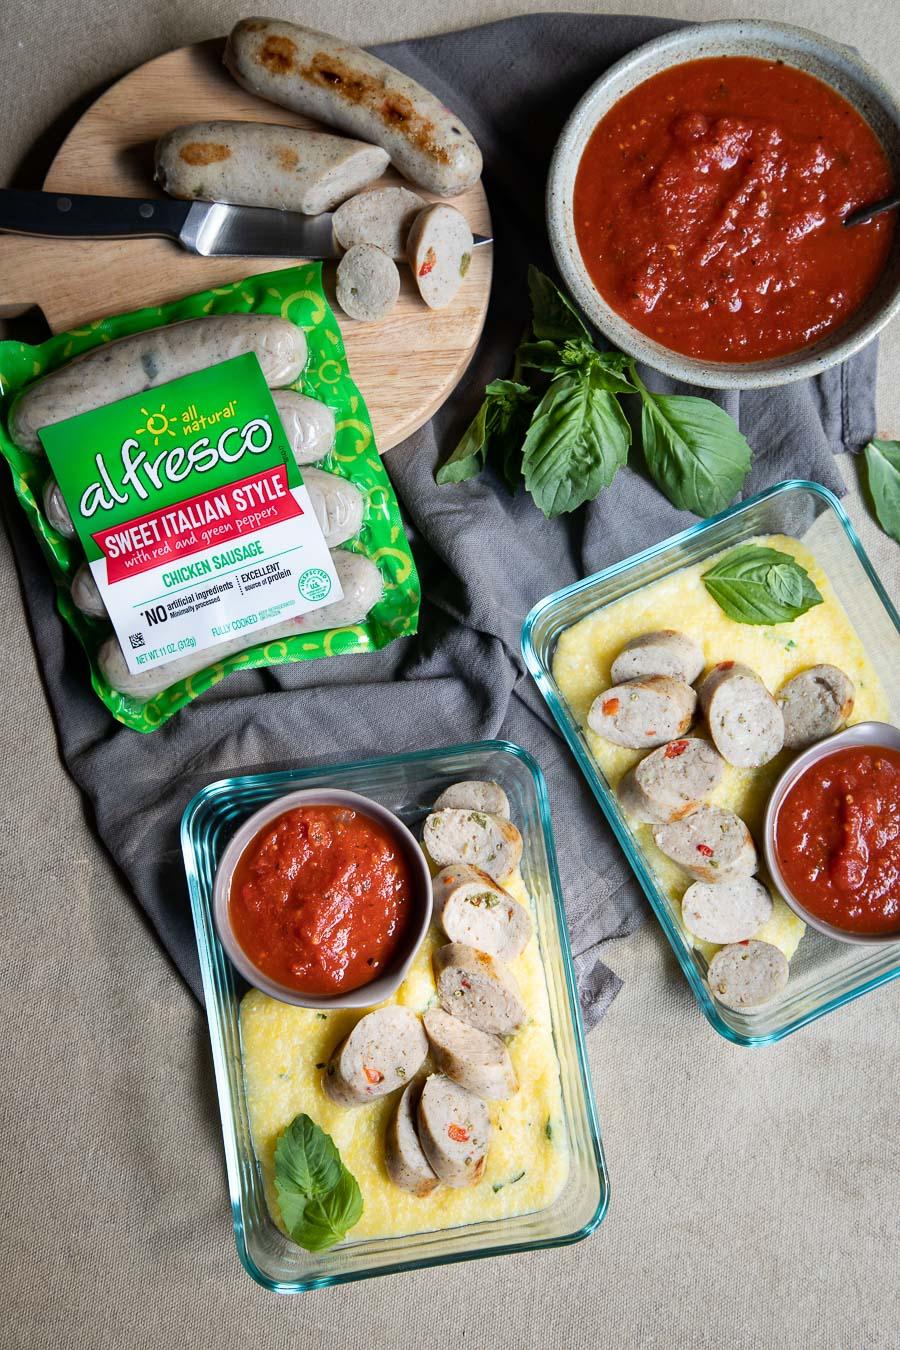 Chicken Sausage and Polenta Meal Prep Idea